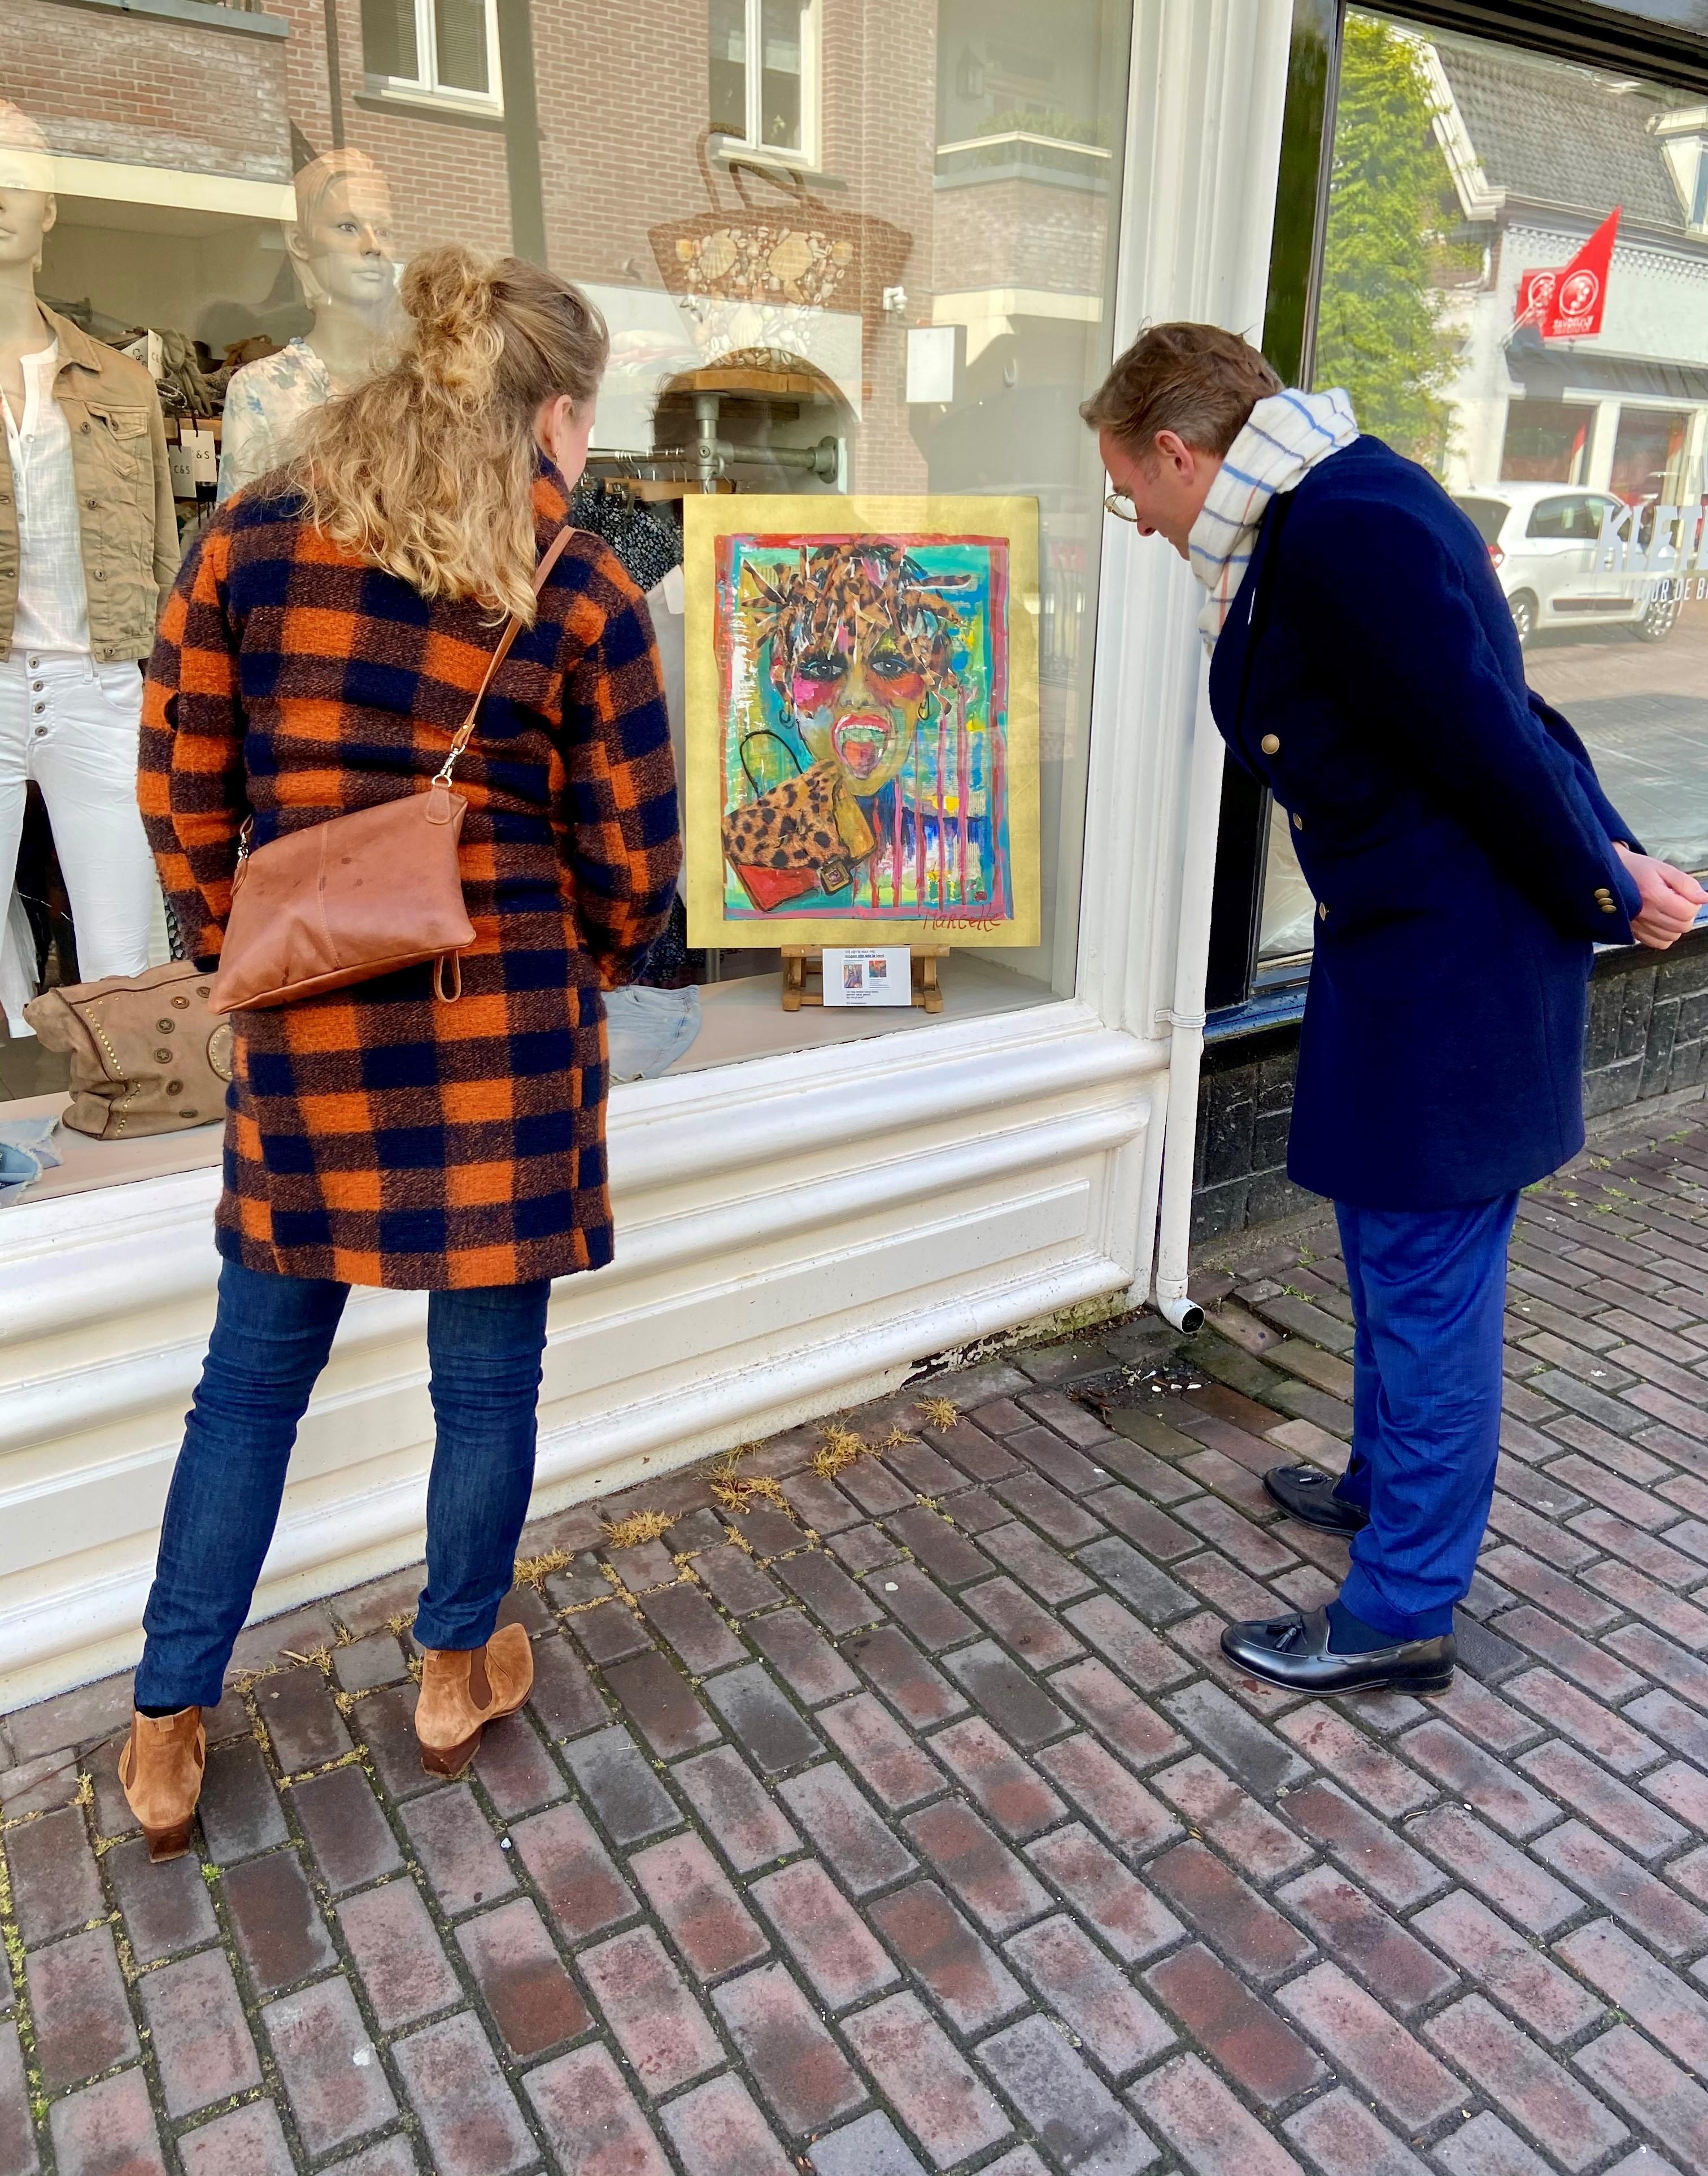 Kunstwandelroute door het centrum van Laren rond 'Vrij zijn': 'Het voorrecht om vooral jezelf te kunnen zijn, dat is vrijheid'